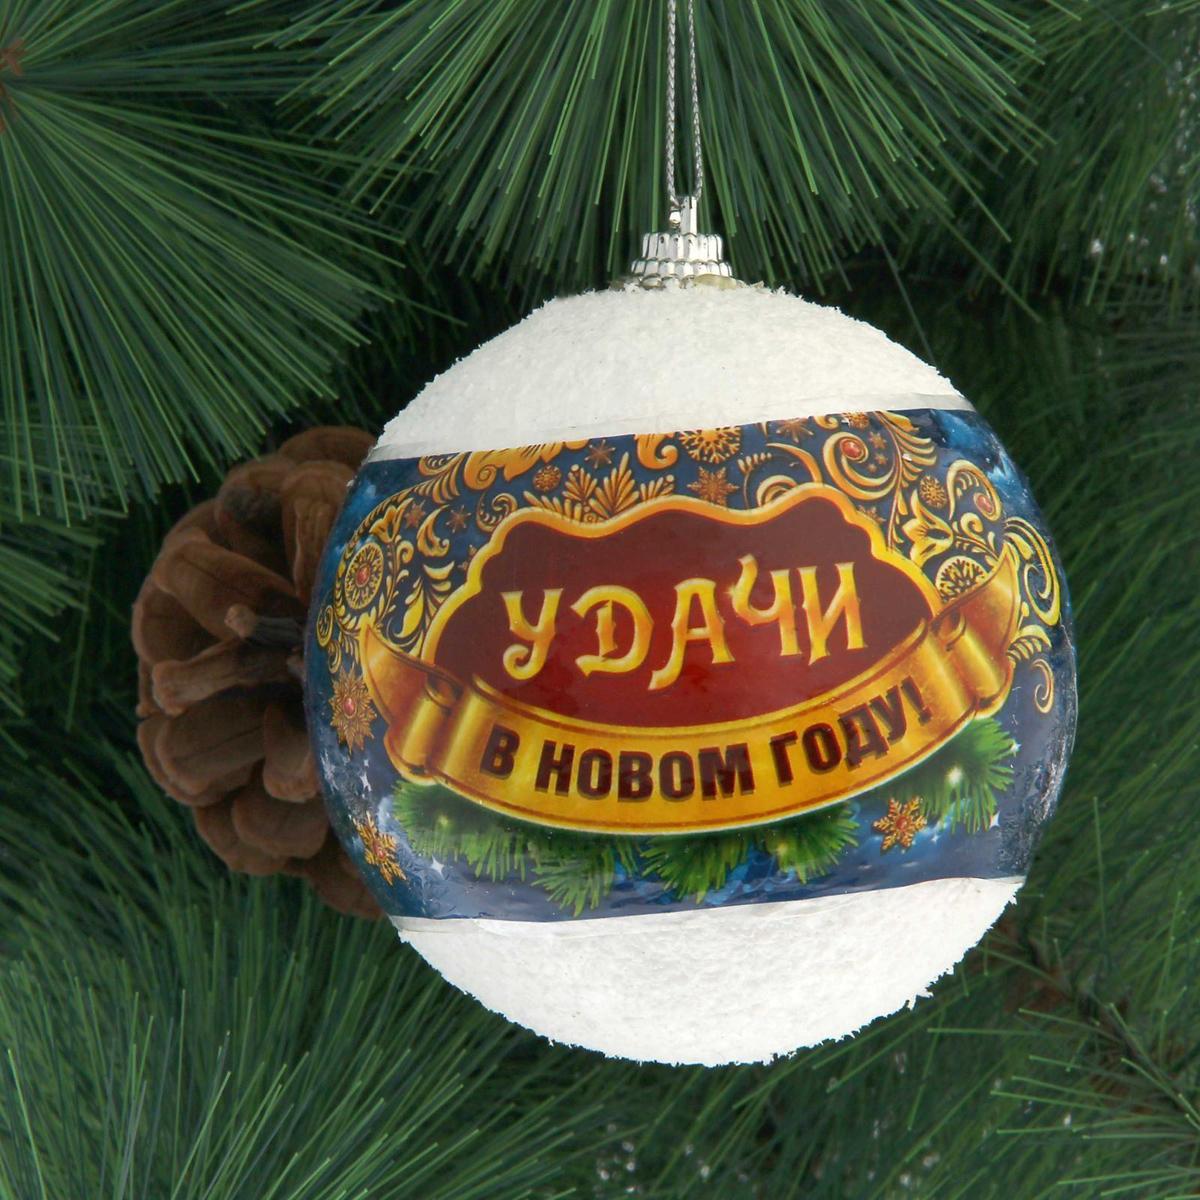 Новогоднее подвесное украшение Sima-land Удачи, диаметр 8 см1429811Новогоднее украшение Sima-land отлично подойдет для декорации вашего дома и новогодней ели. Елочная игрушка - символ Нового года. Она несет в себе волшебство и красоту праздника. Такое украшение создаст в вашем доме атмосферу праздника, веселья и радости.